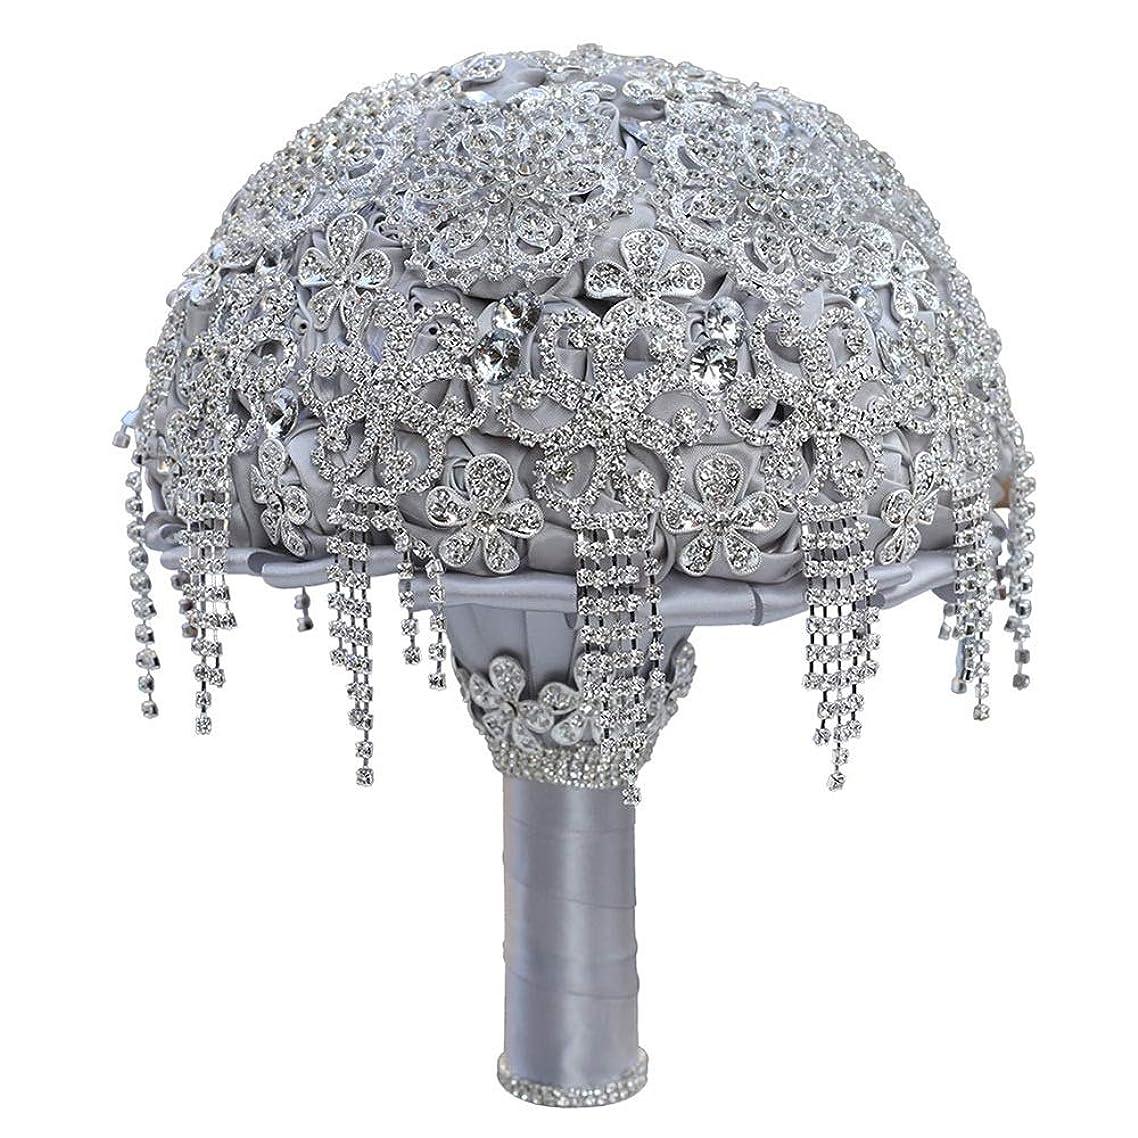 エンターテインメント家具わずらわしいウェディングブーケ ブライド花嫁のための結婚式のフルクリスタルダイヤモンドホールディング花束のための花のウェディングブーケ 造花 (Color : Silver, Size : 21x26cm)